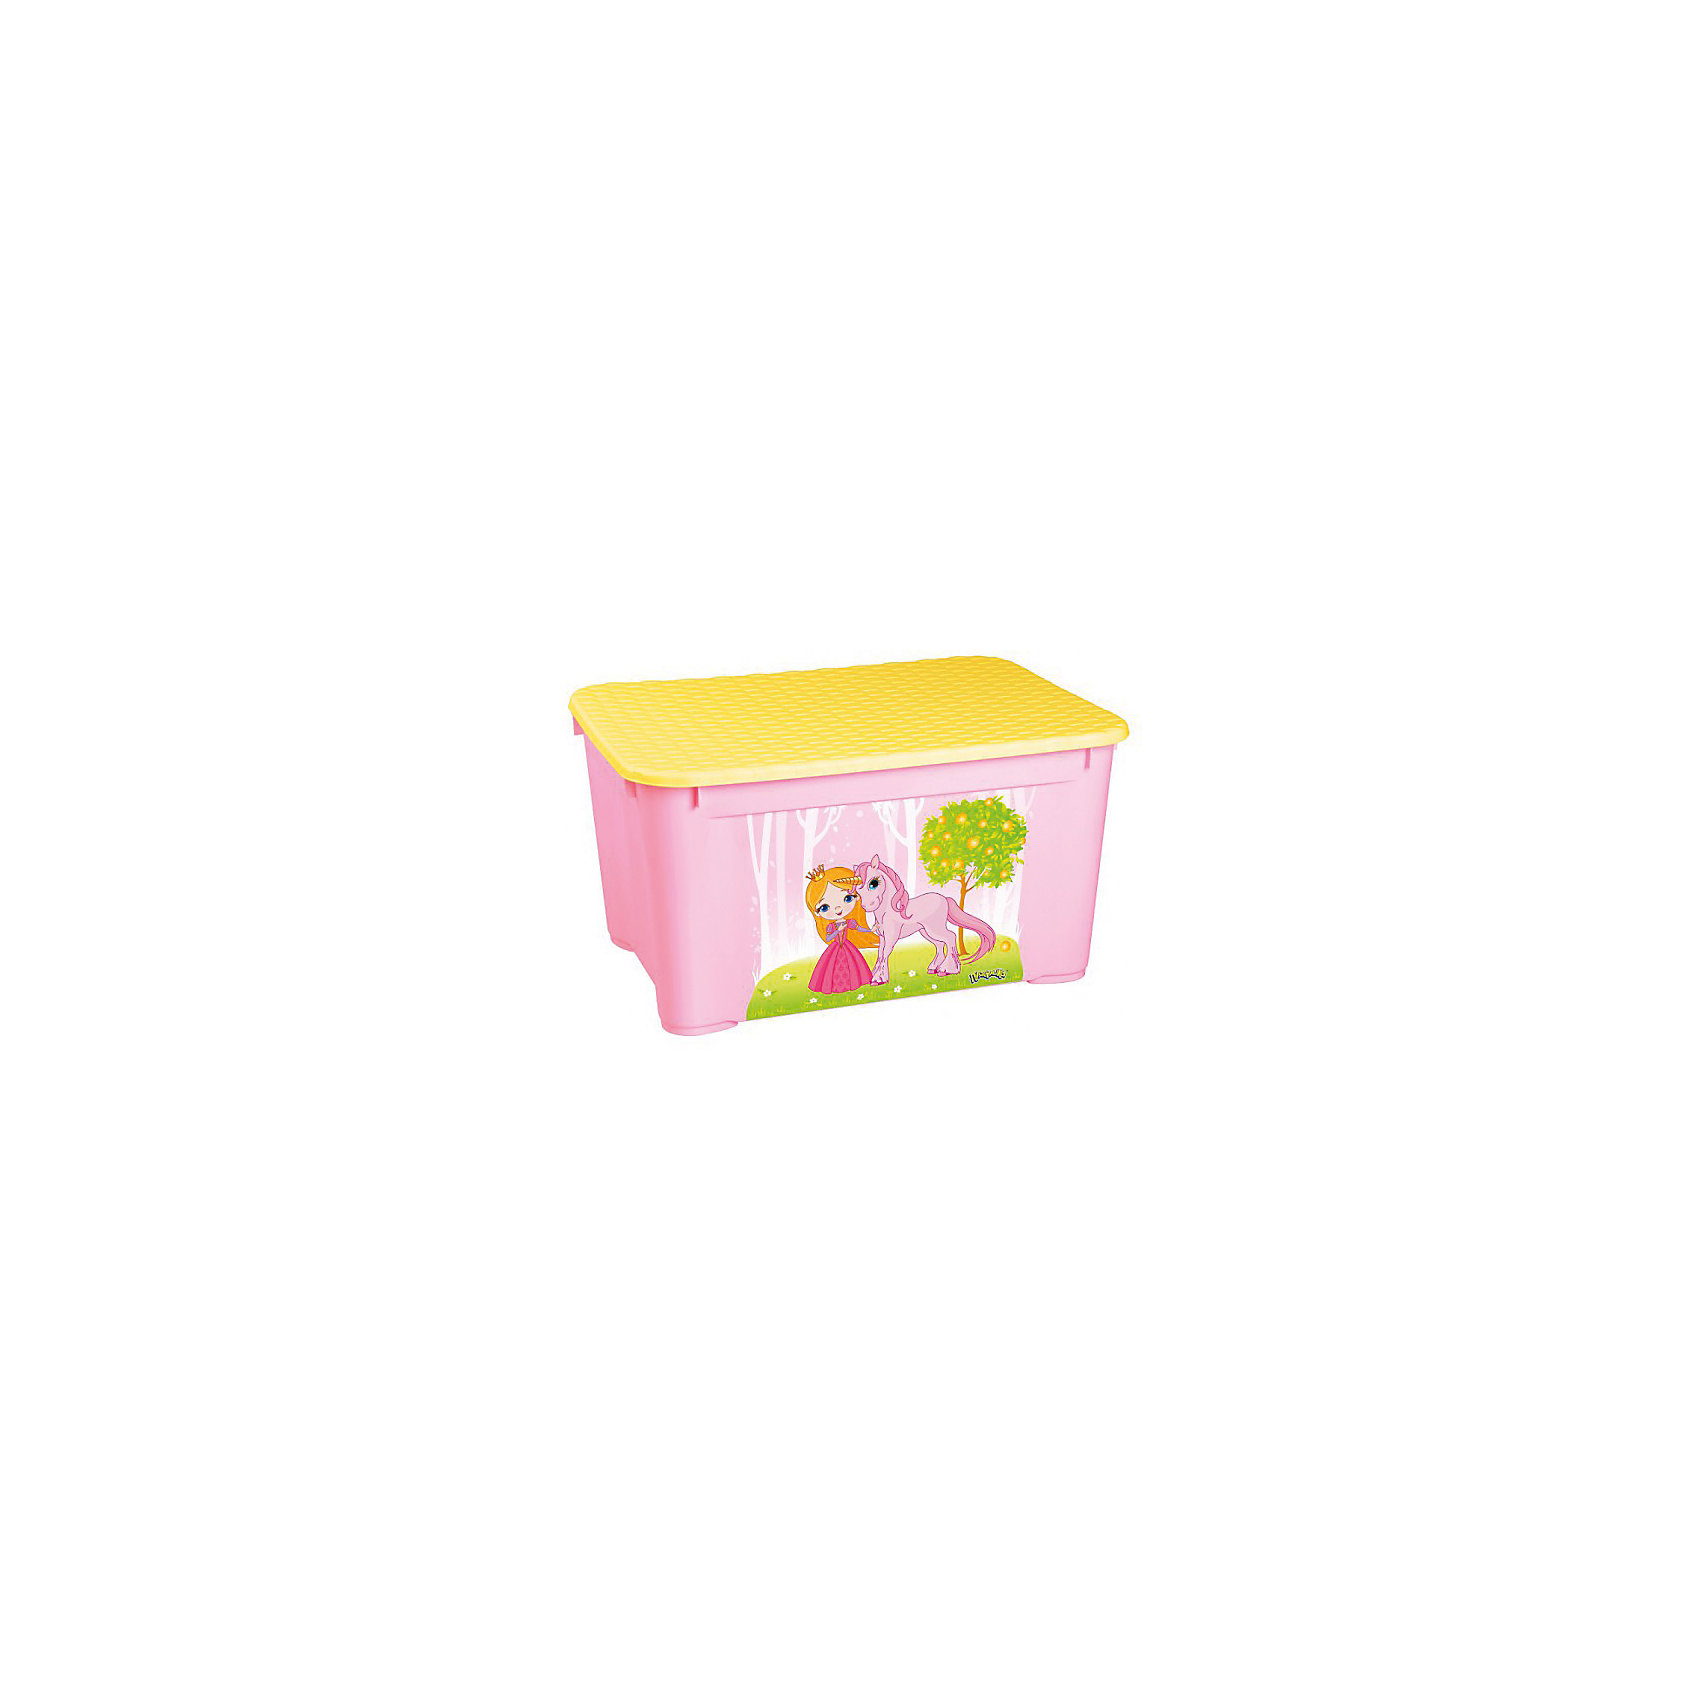 Пластишка Ящик для игрушек 555х390х290 мм, Пластишка, розовый пластишка горка для купания детей пластишка